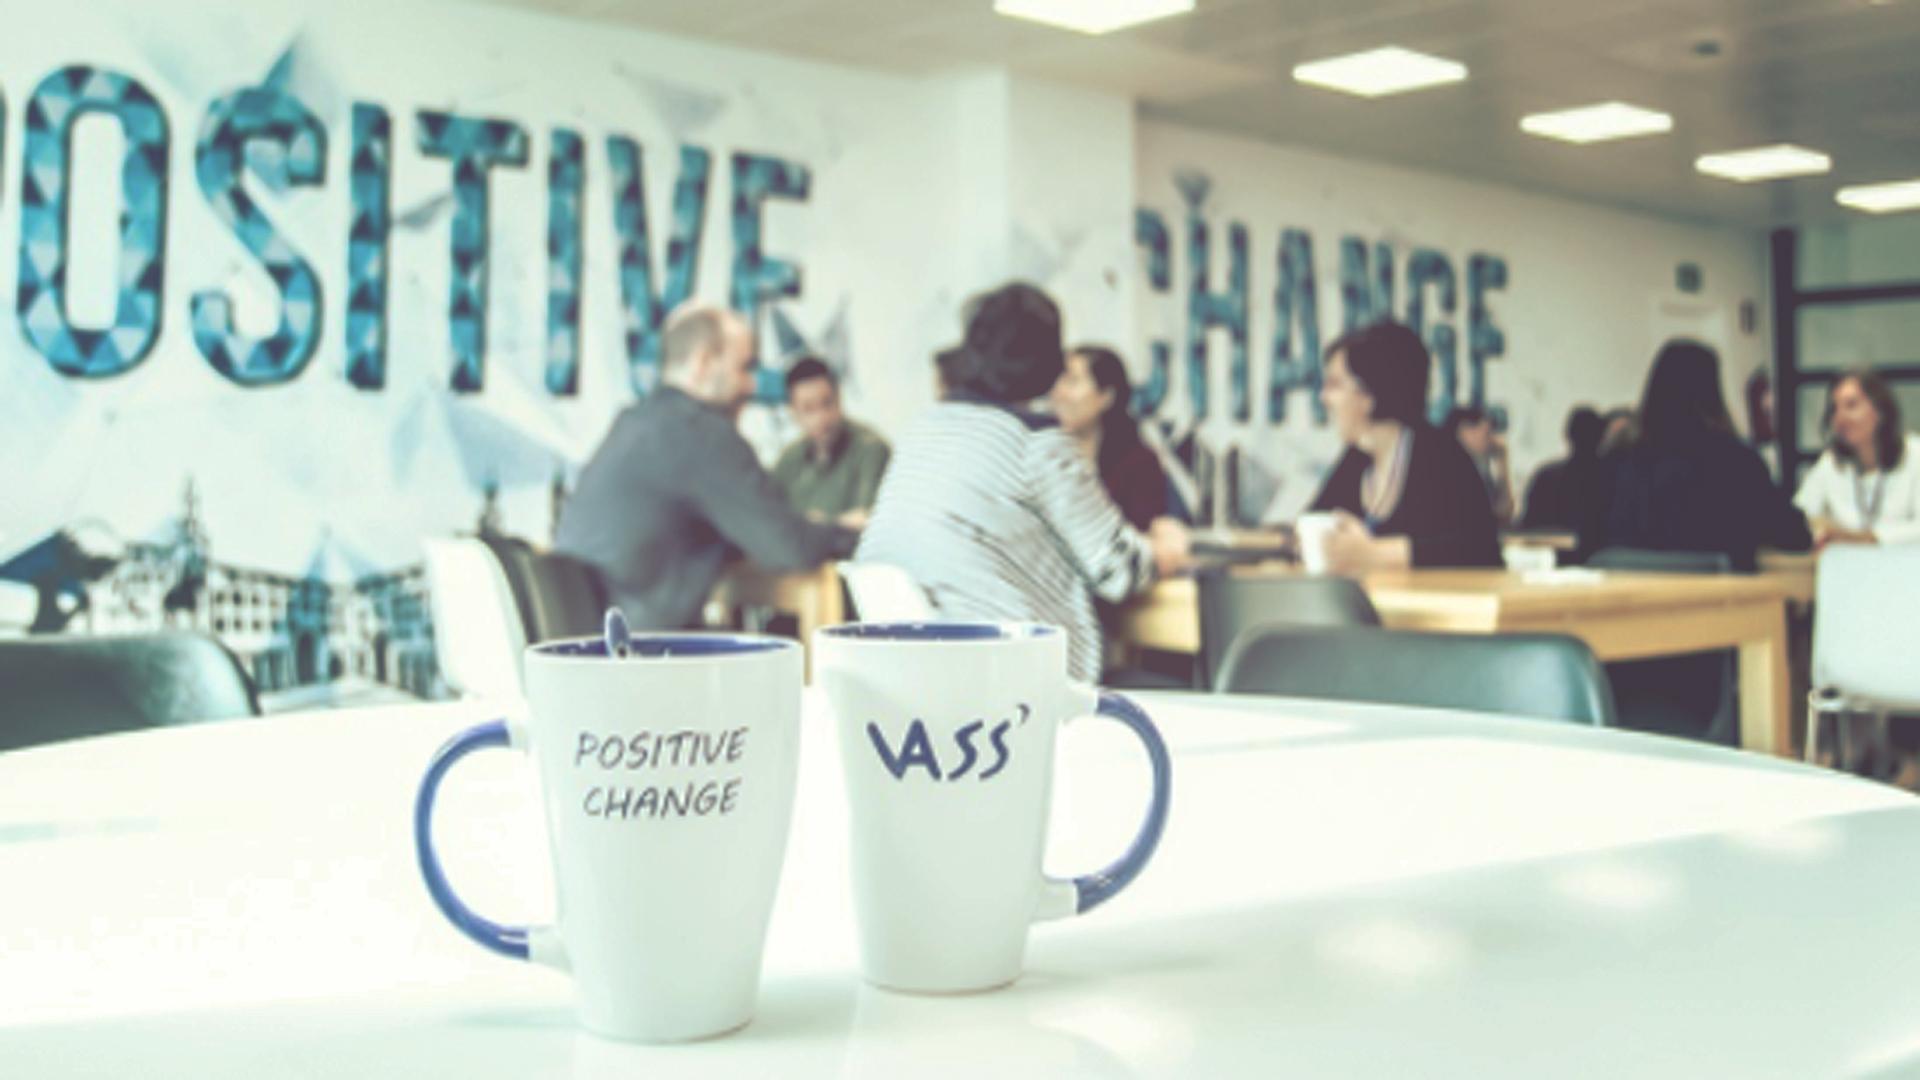 Sencillez e innovación: las claves de VASS